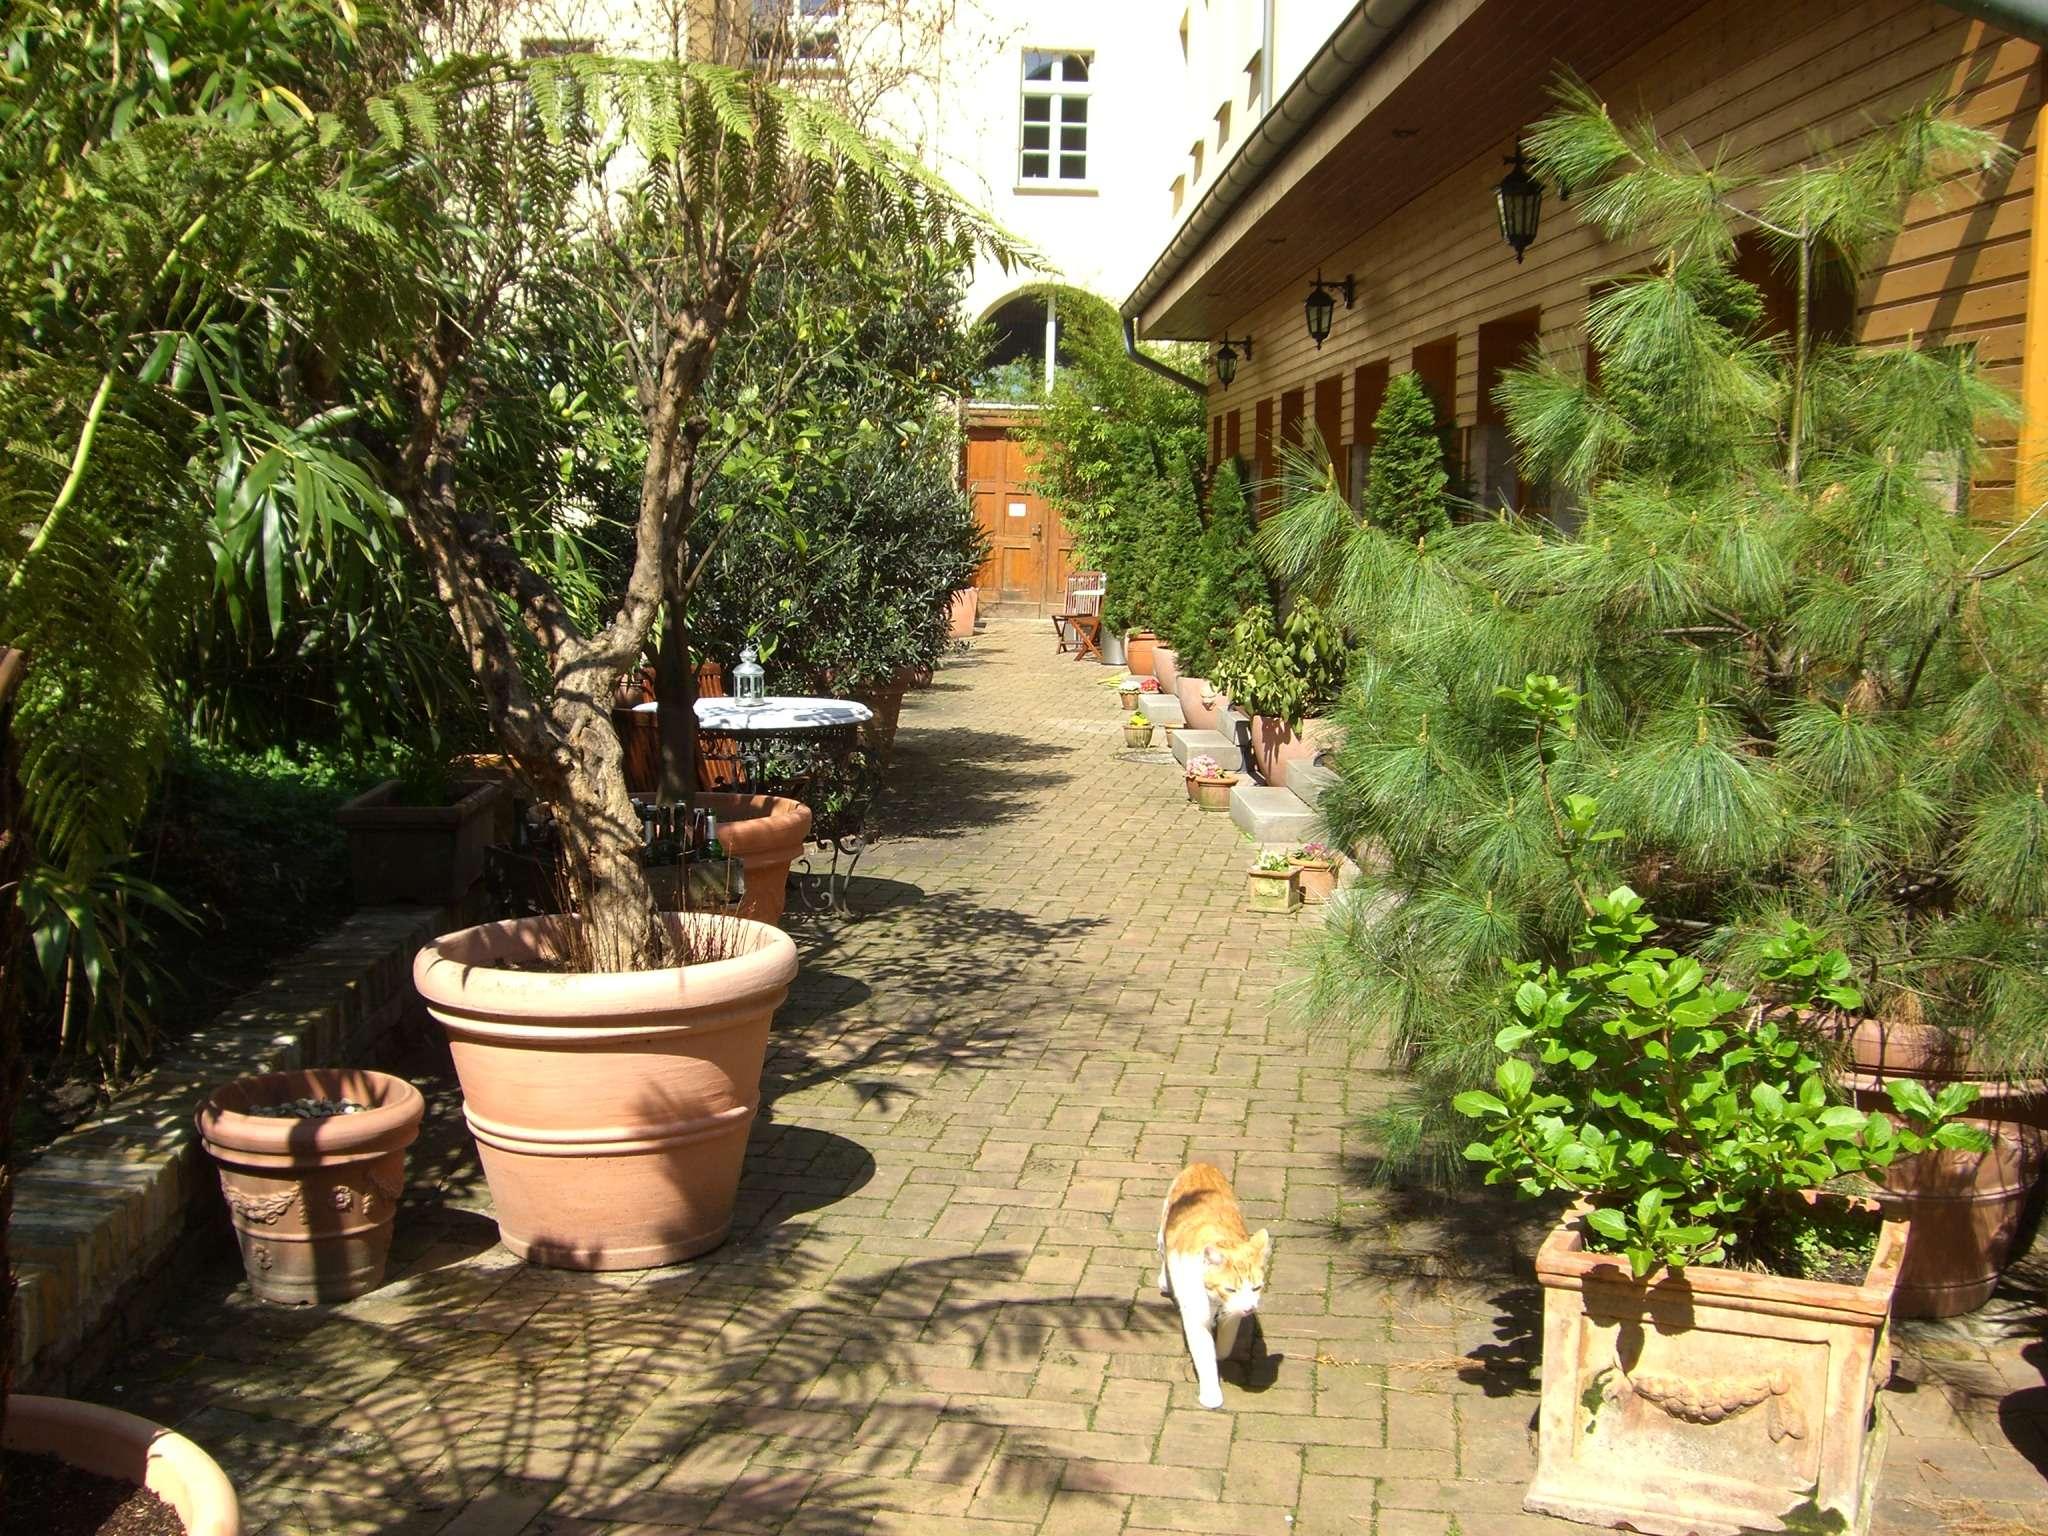 Honigmond Garden Hotel